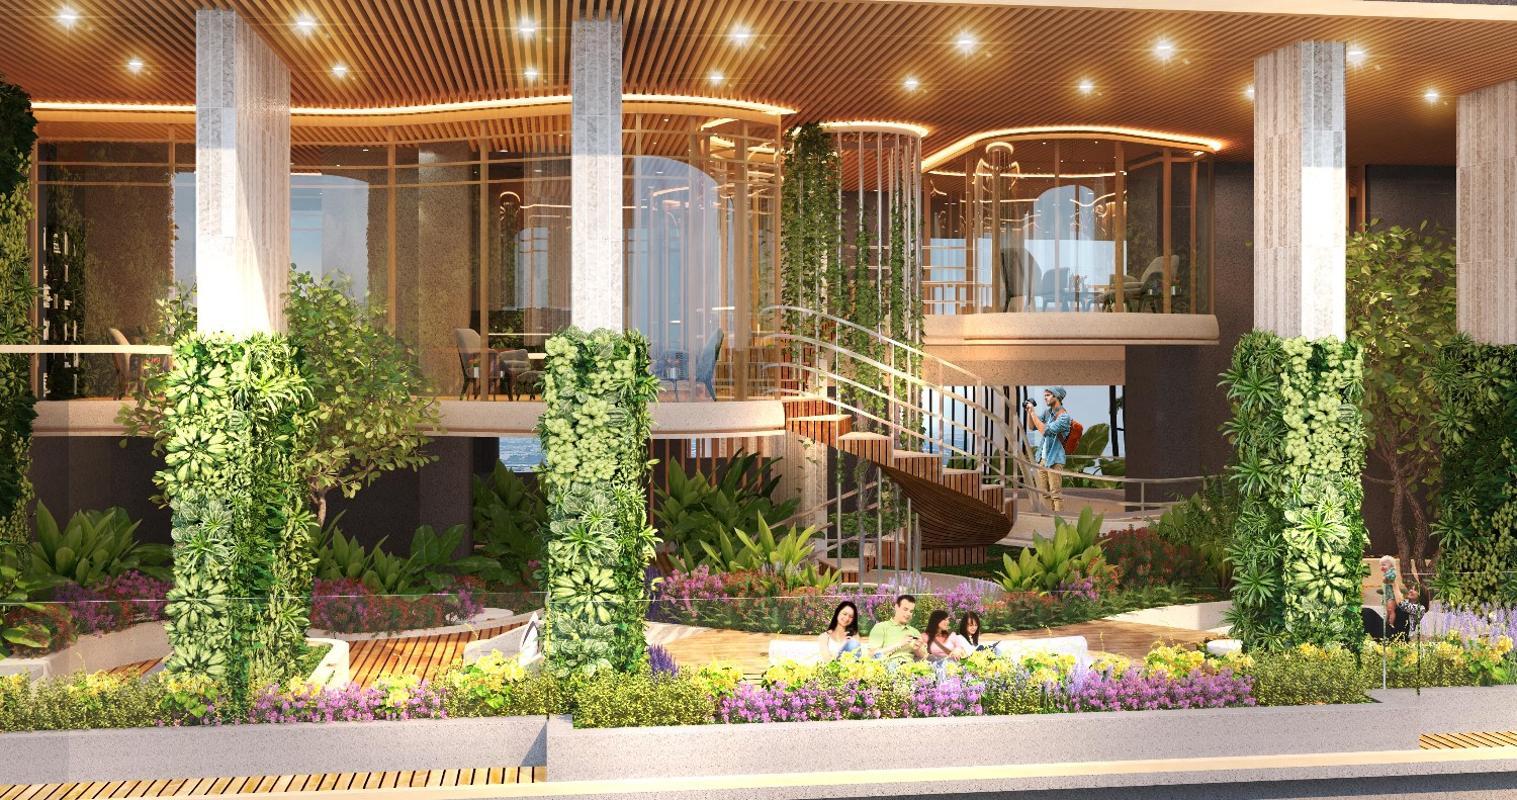 Landscape-4-1 Bán căn hộ Q2 Thao Dien 3PN, tầng trung, diện tích 93m2, căn đẹp giá tốt, view sông